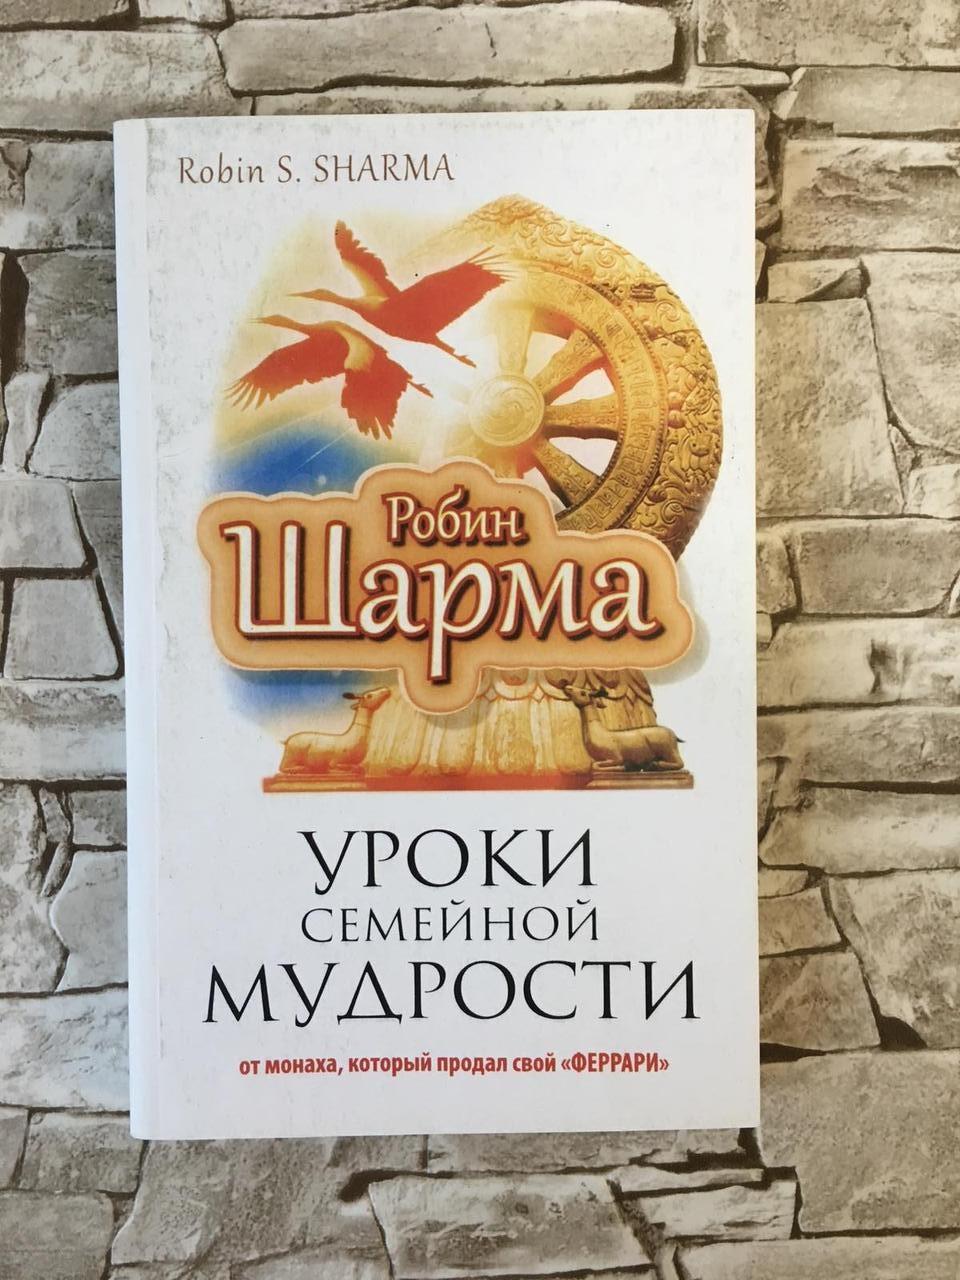 """Книга """" Уроки семейной мудрости от монаха, который продал свой «Феррари»"""" Робин Шарма"""